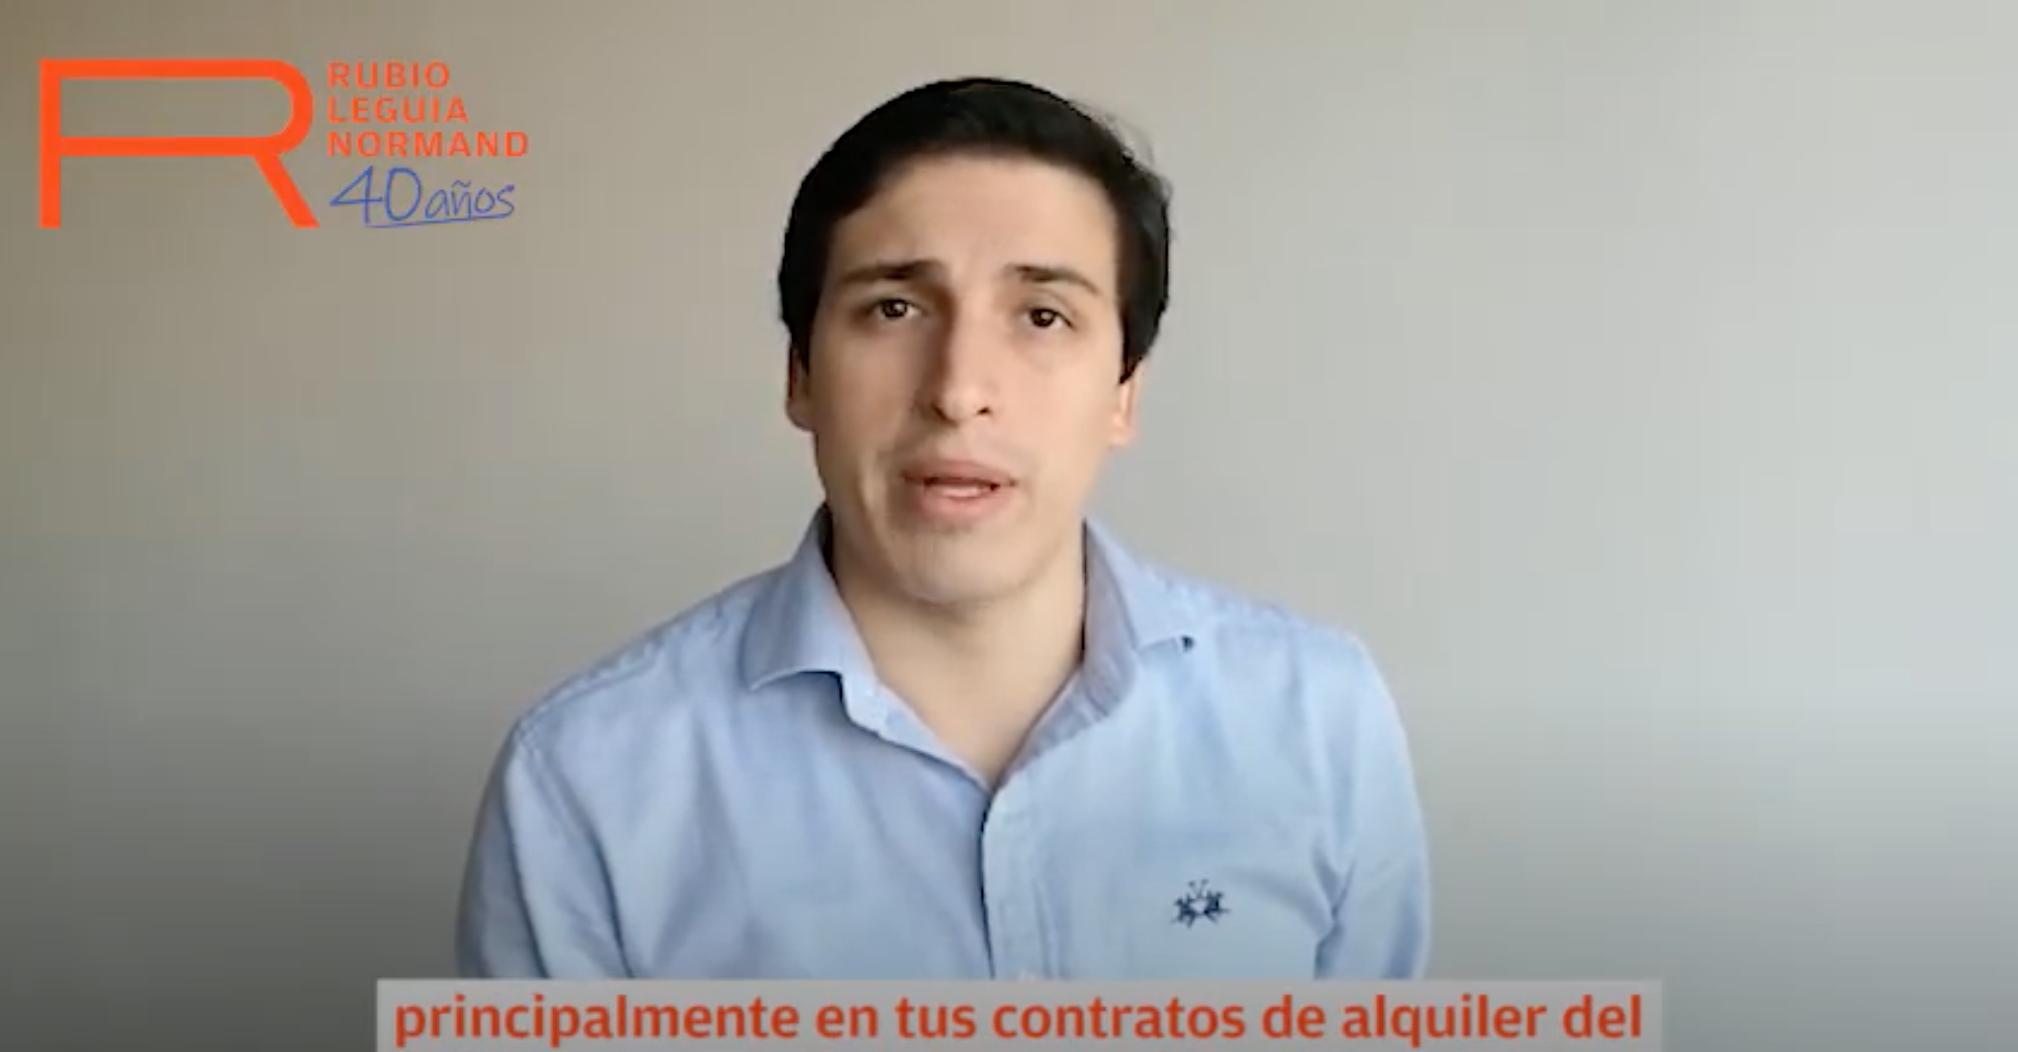 Anghelo Olarte